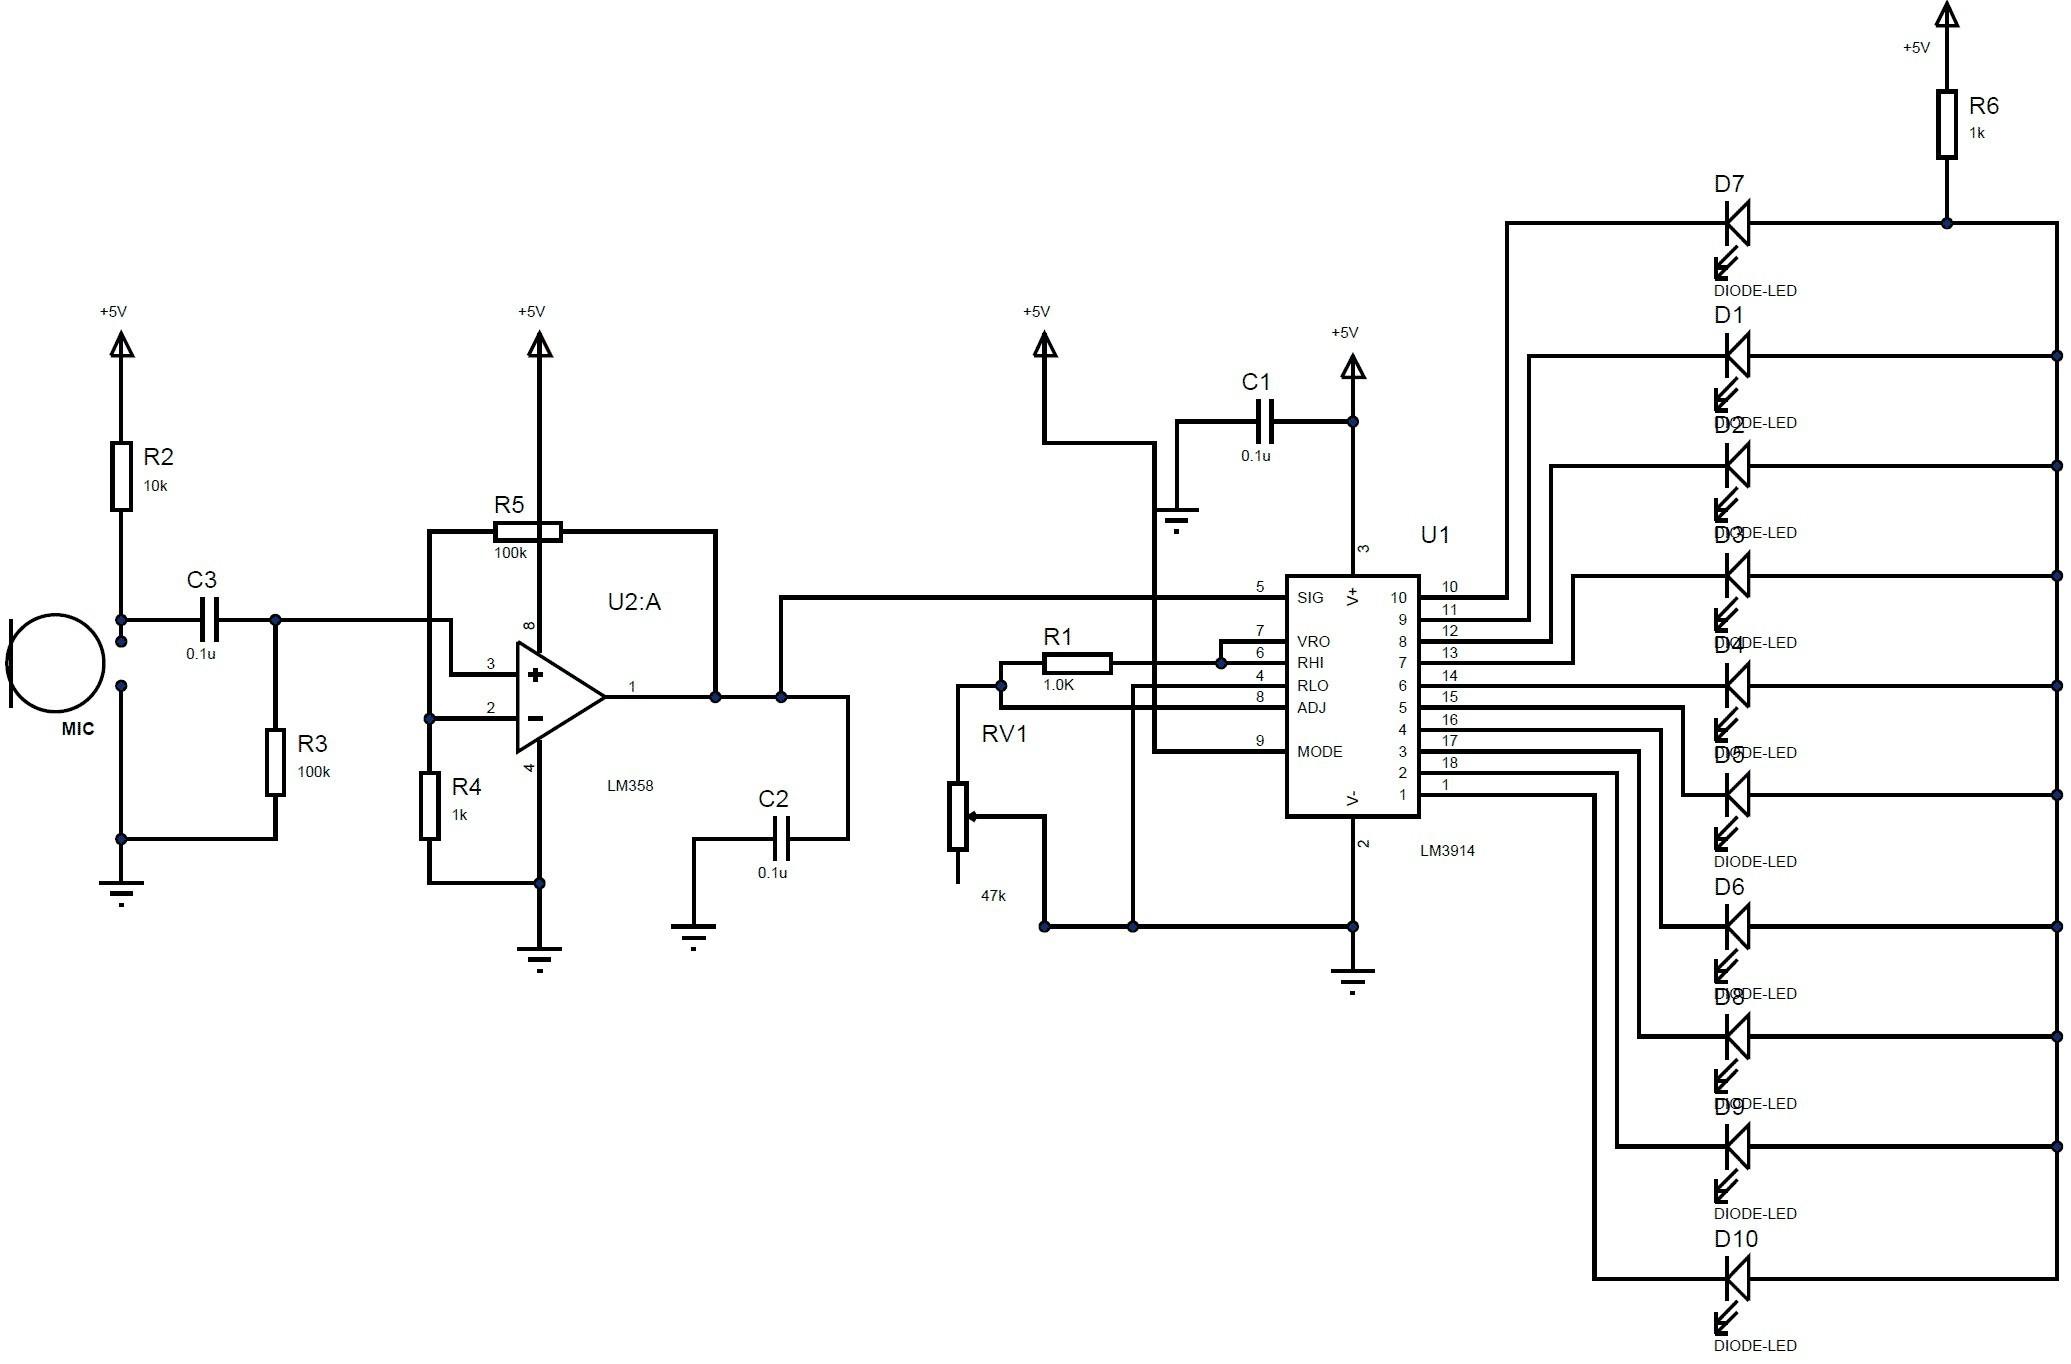 light wiring diagram loop sonos speakers switch unique image